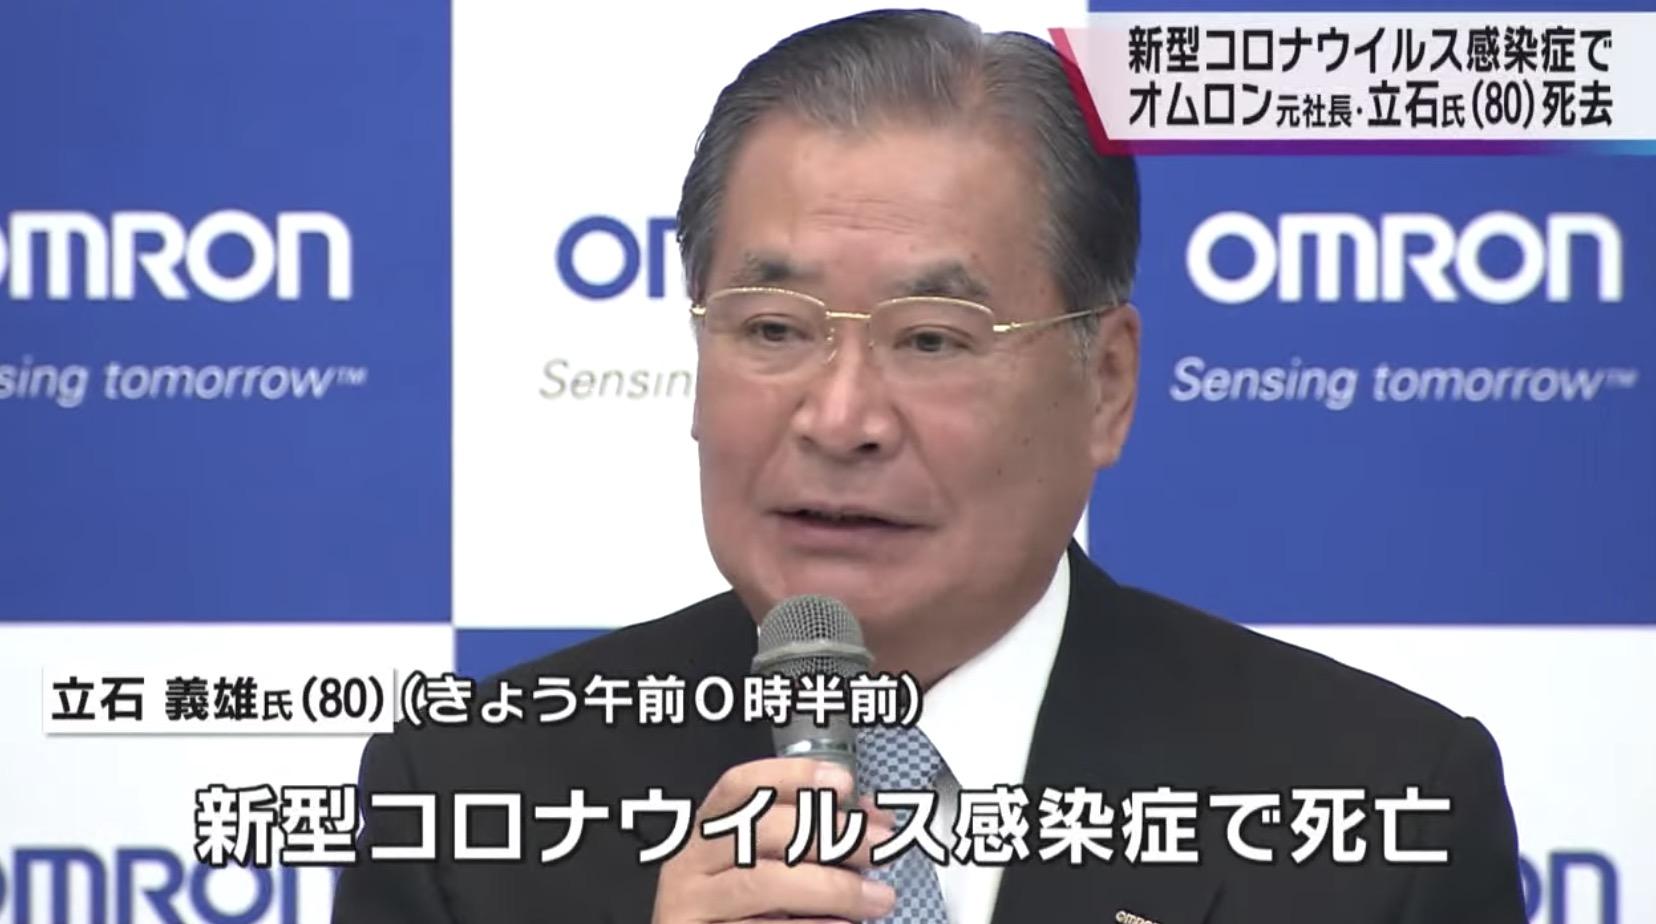 日本的醫療設備製造商歐姆龍(Omron)前社長立石義雄(80歲)因感染中共病毒,21日不治身亡。(影片截圖)